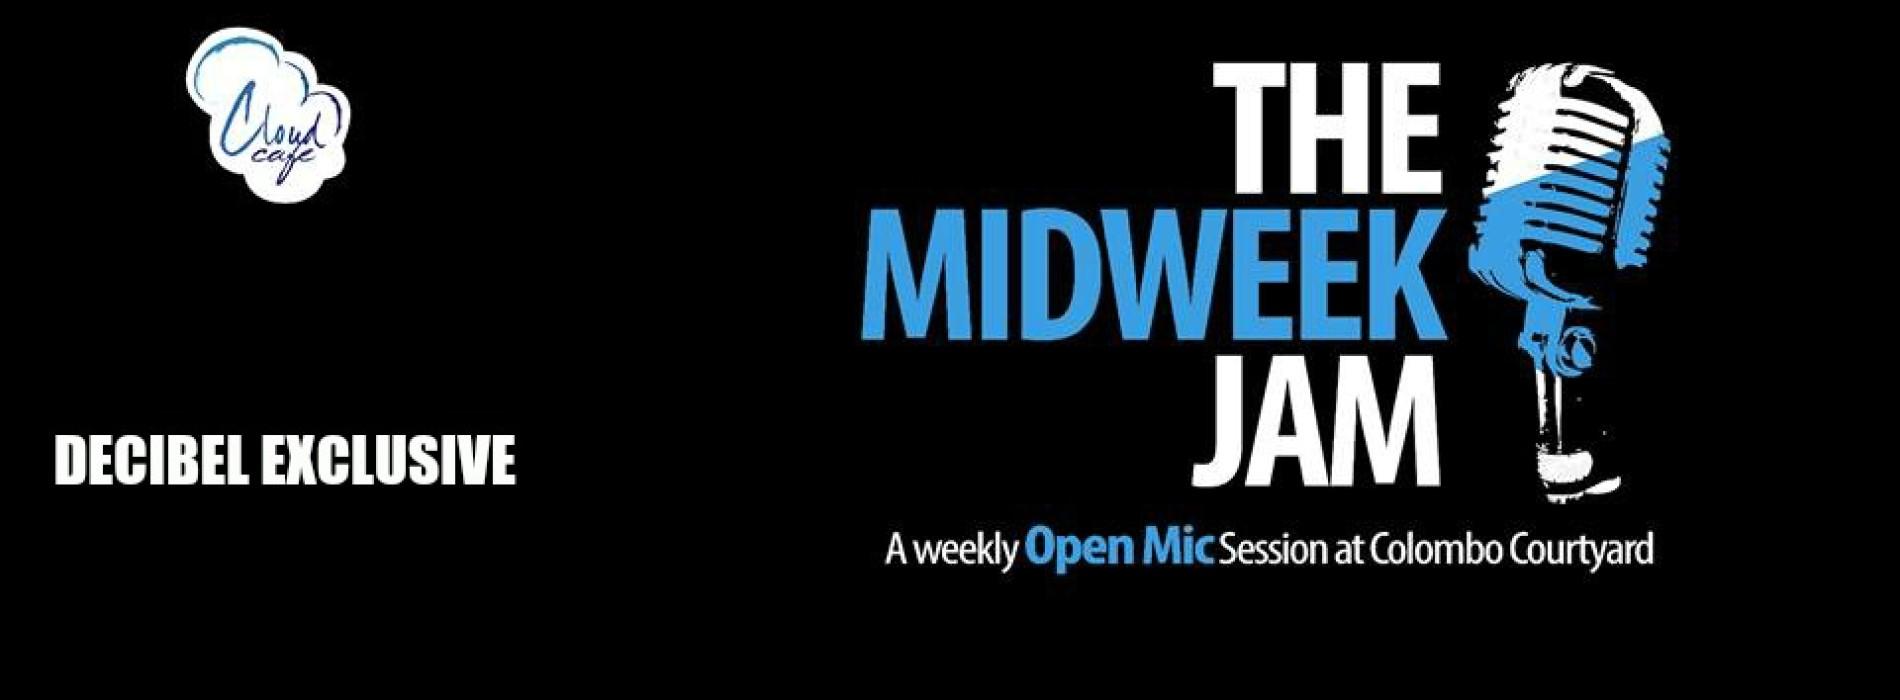 Decibel Exclusive : Midweek Jam